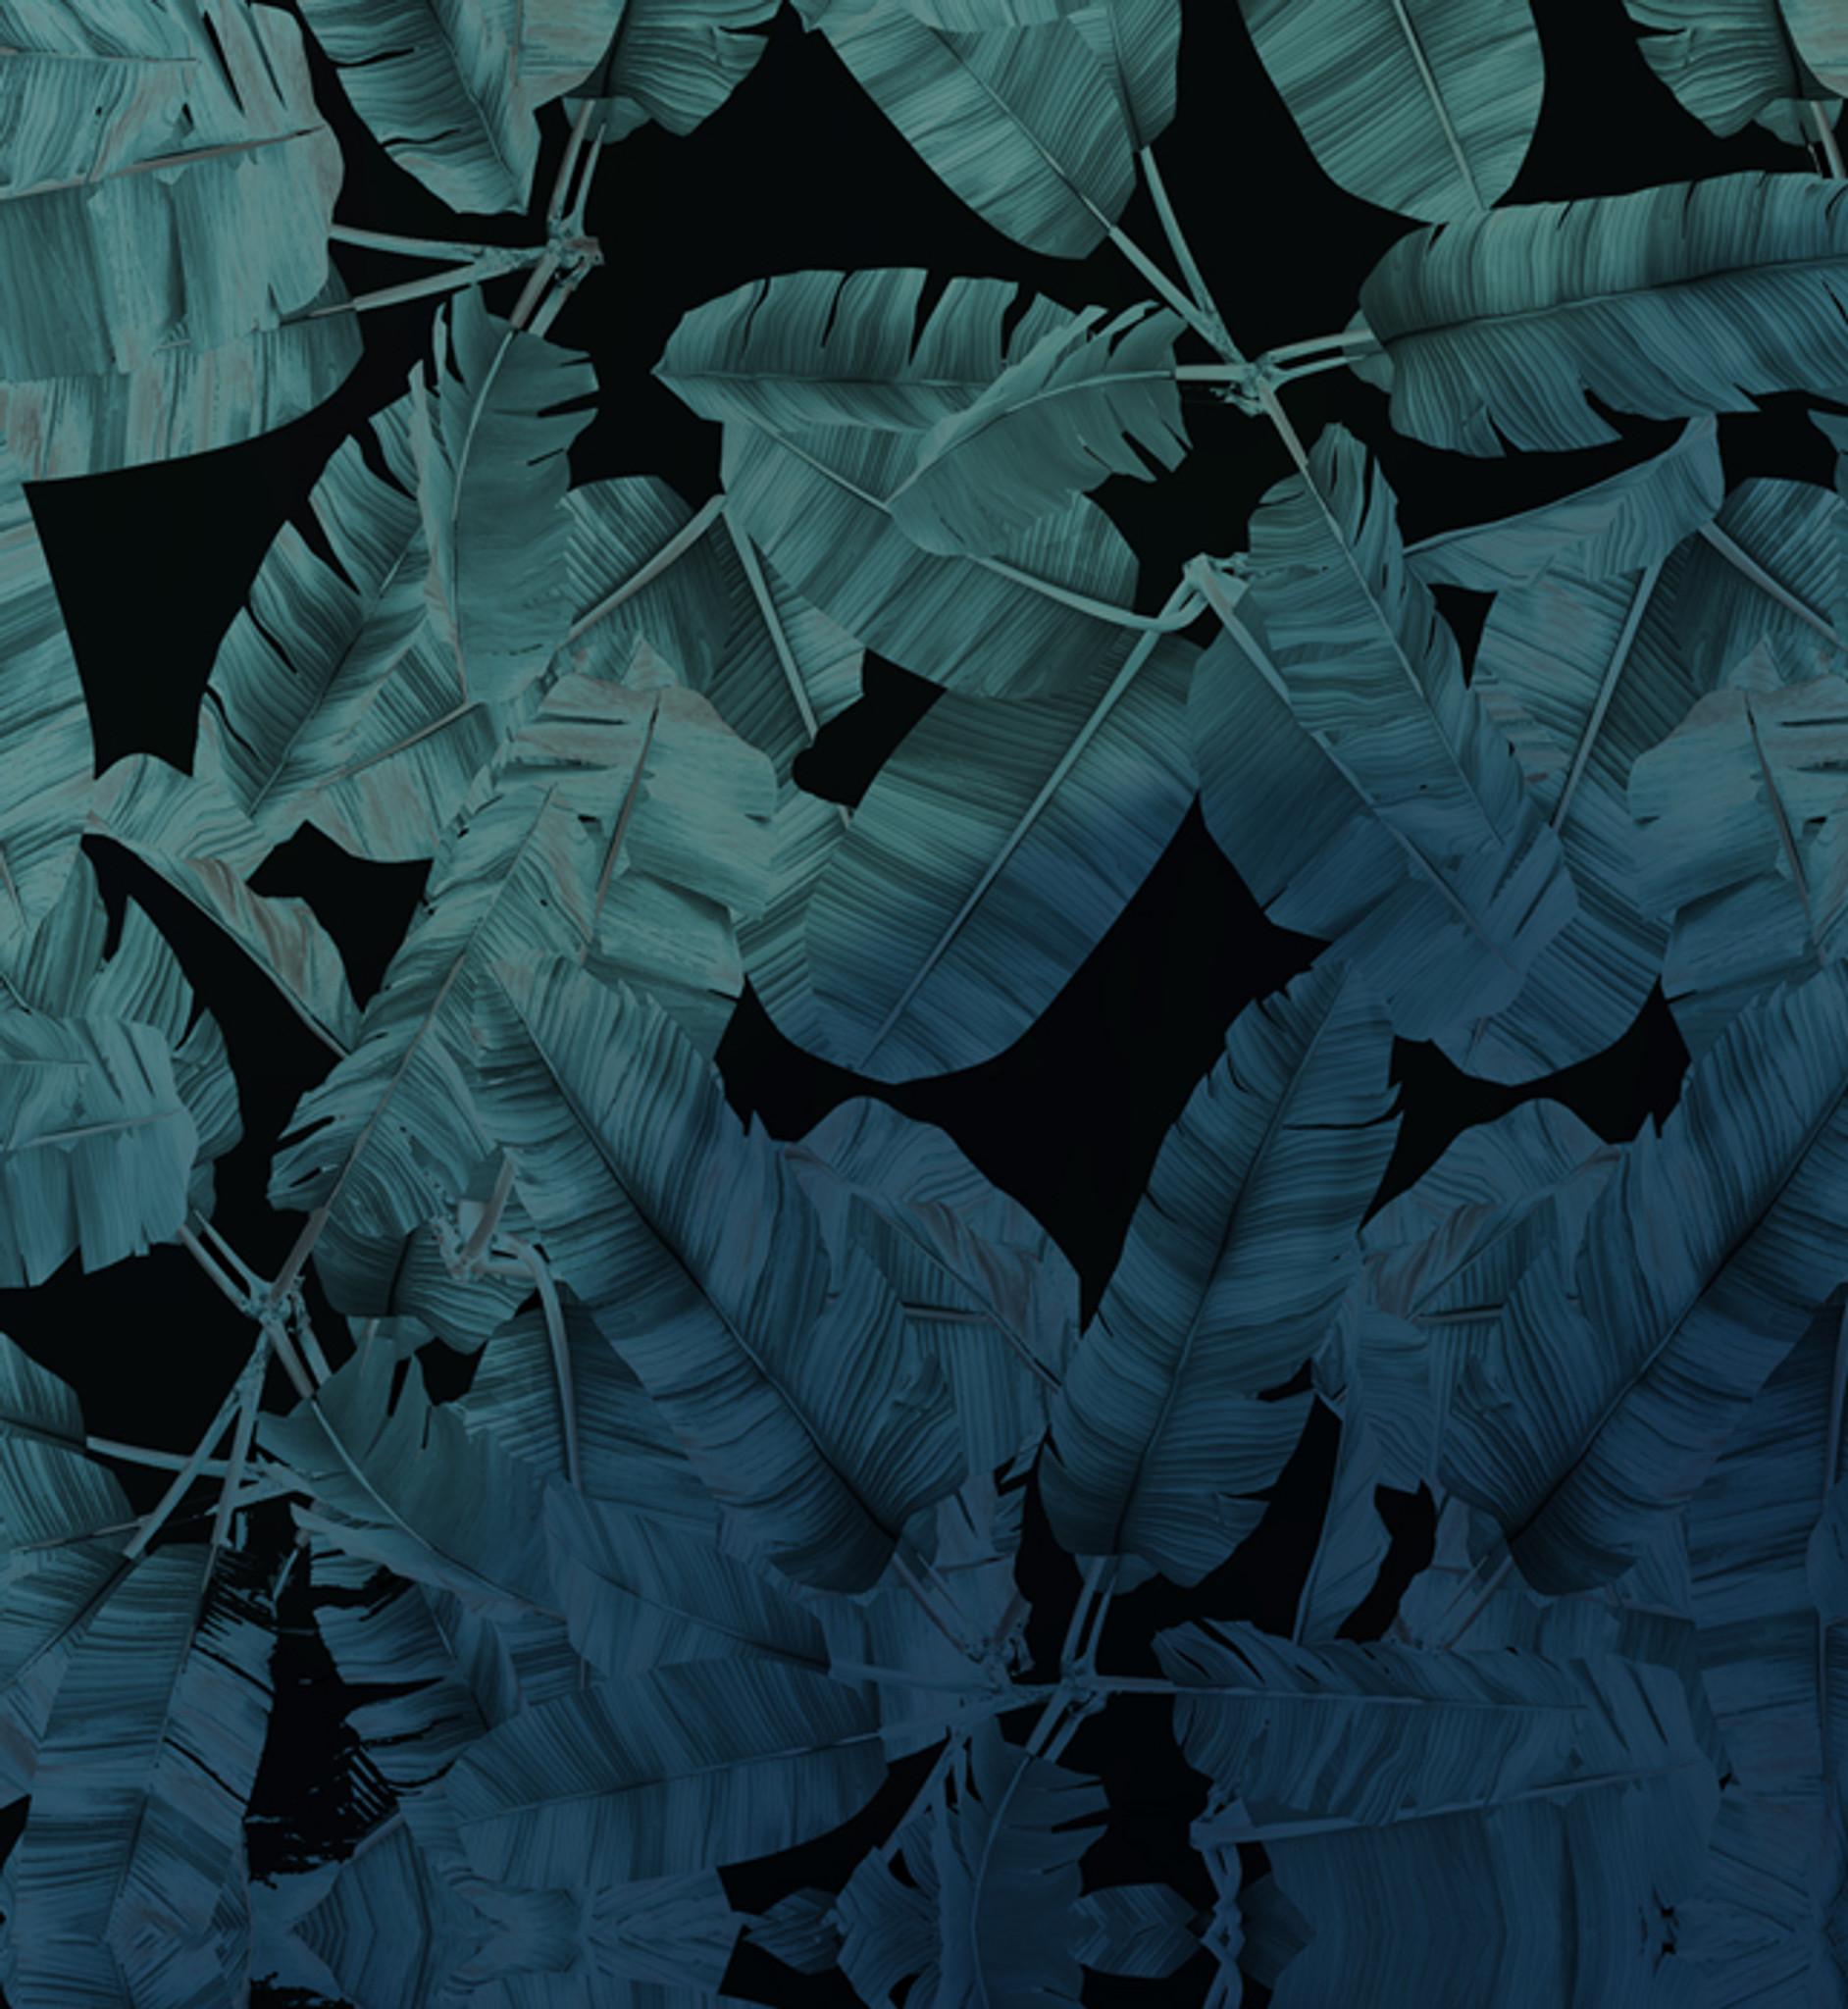 Wallpaper - Jungle Noir - Blue